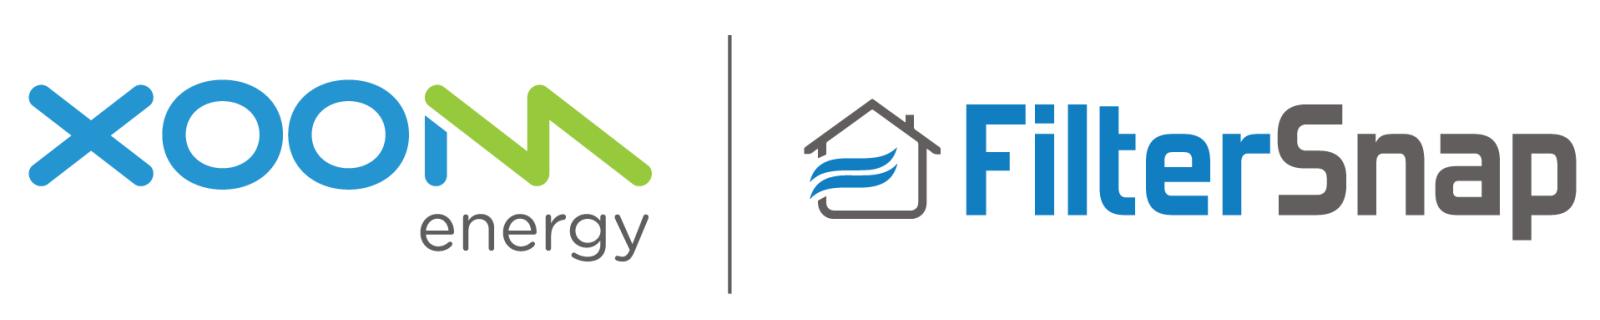 xoom energy logo - photo #9